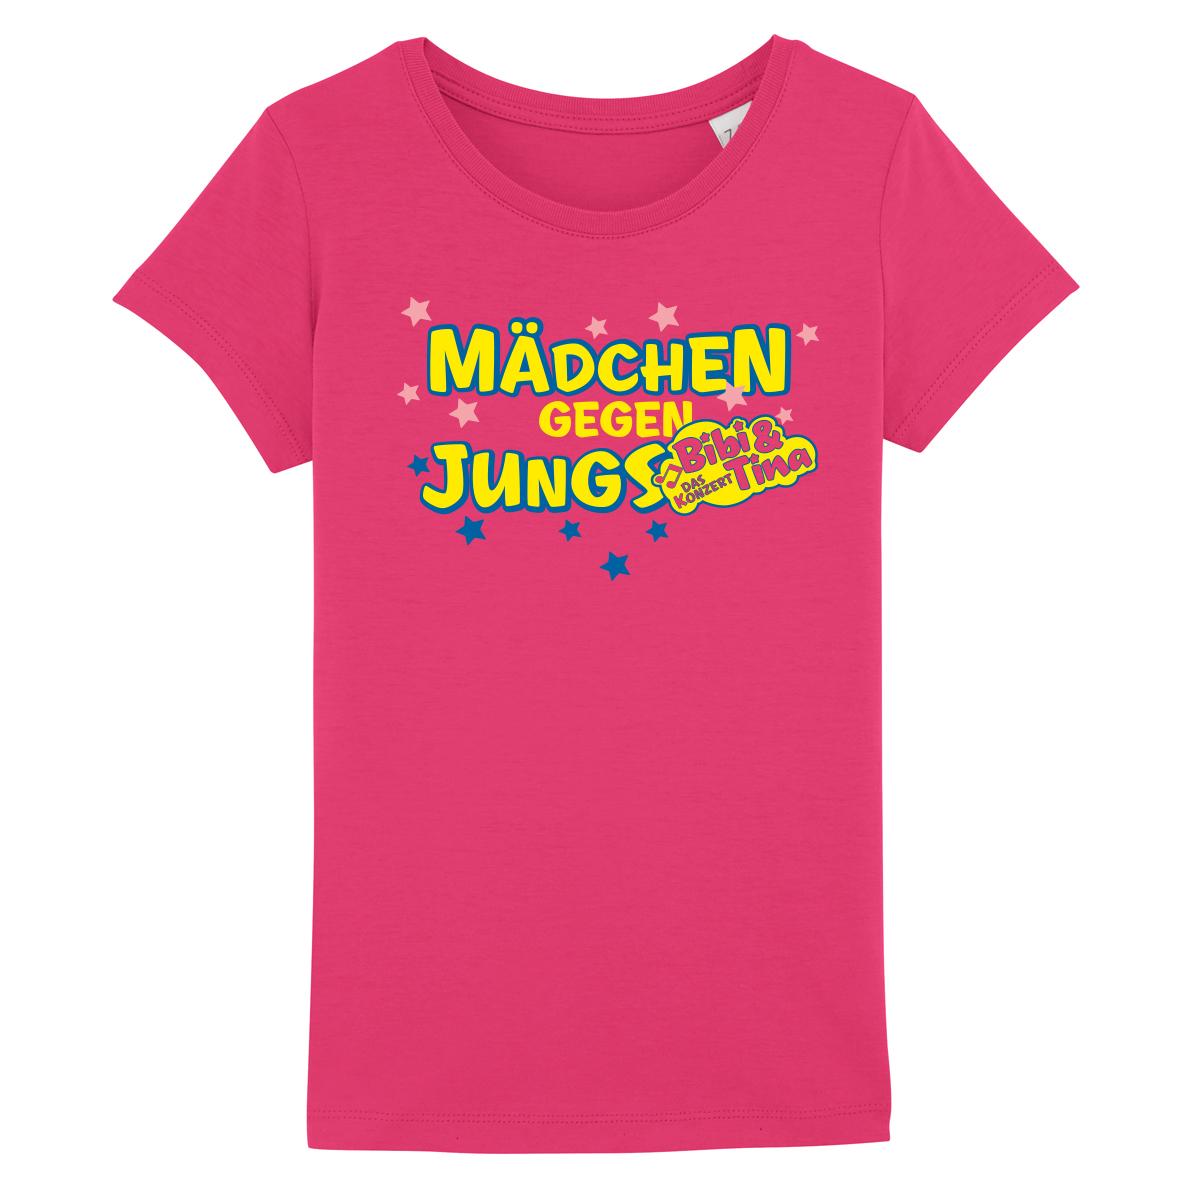 Bibi&Tina Mädchen gegen Jungs Shirt Kinder T-Shirt pink/raspberry